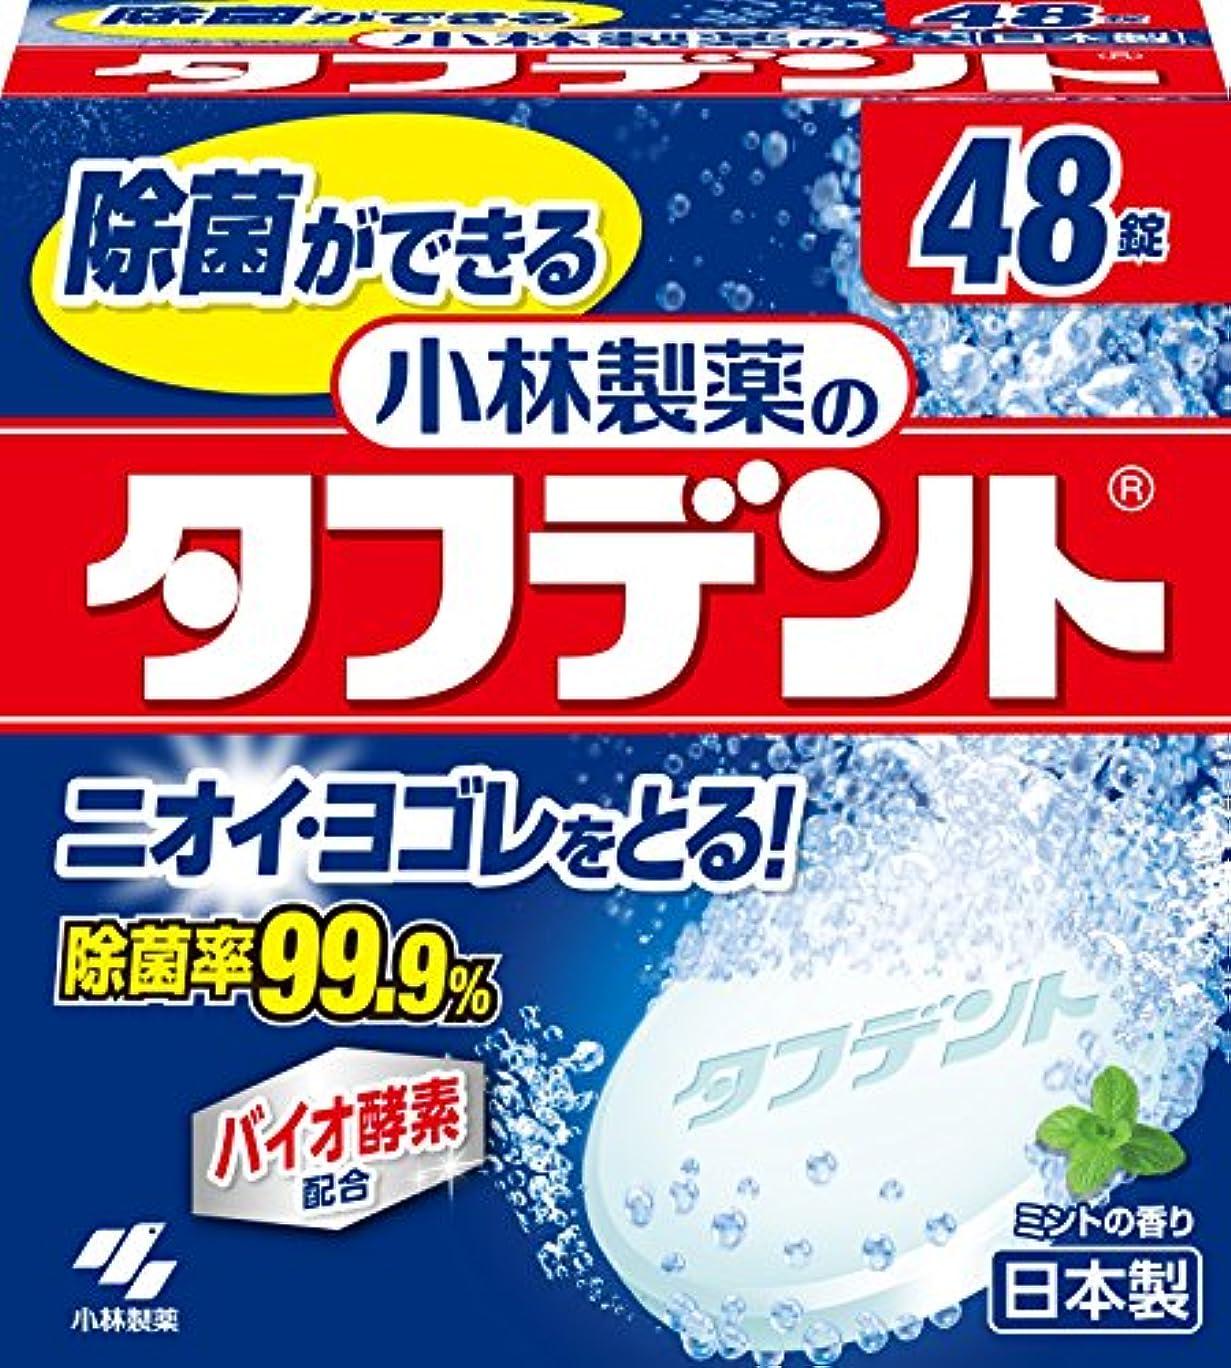 組み合わせ誇張する新着小林製薬のタフデント 入れ歯用洗浄剤 ミントの香り 48錠